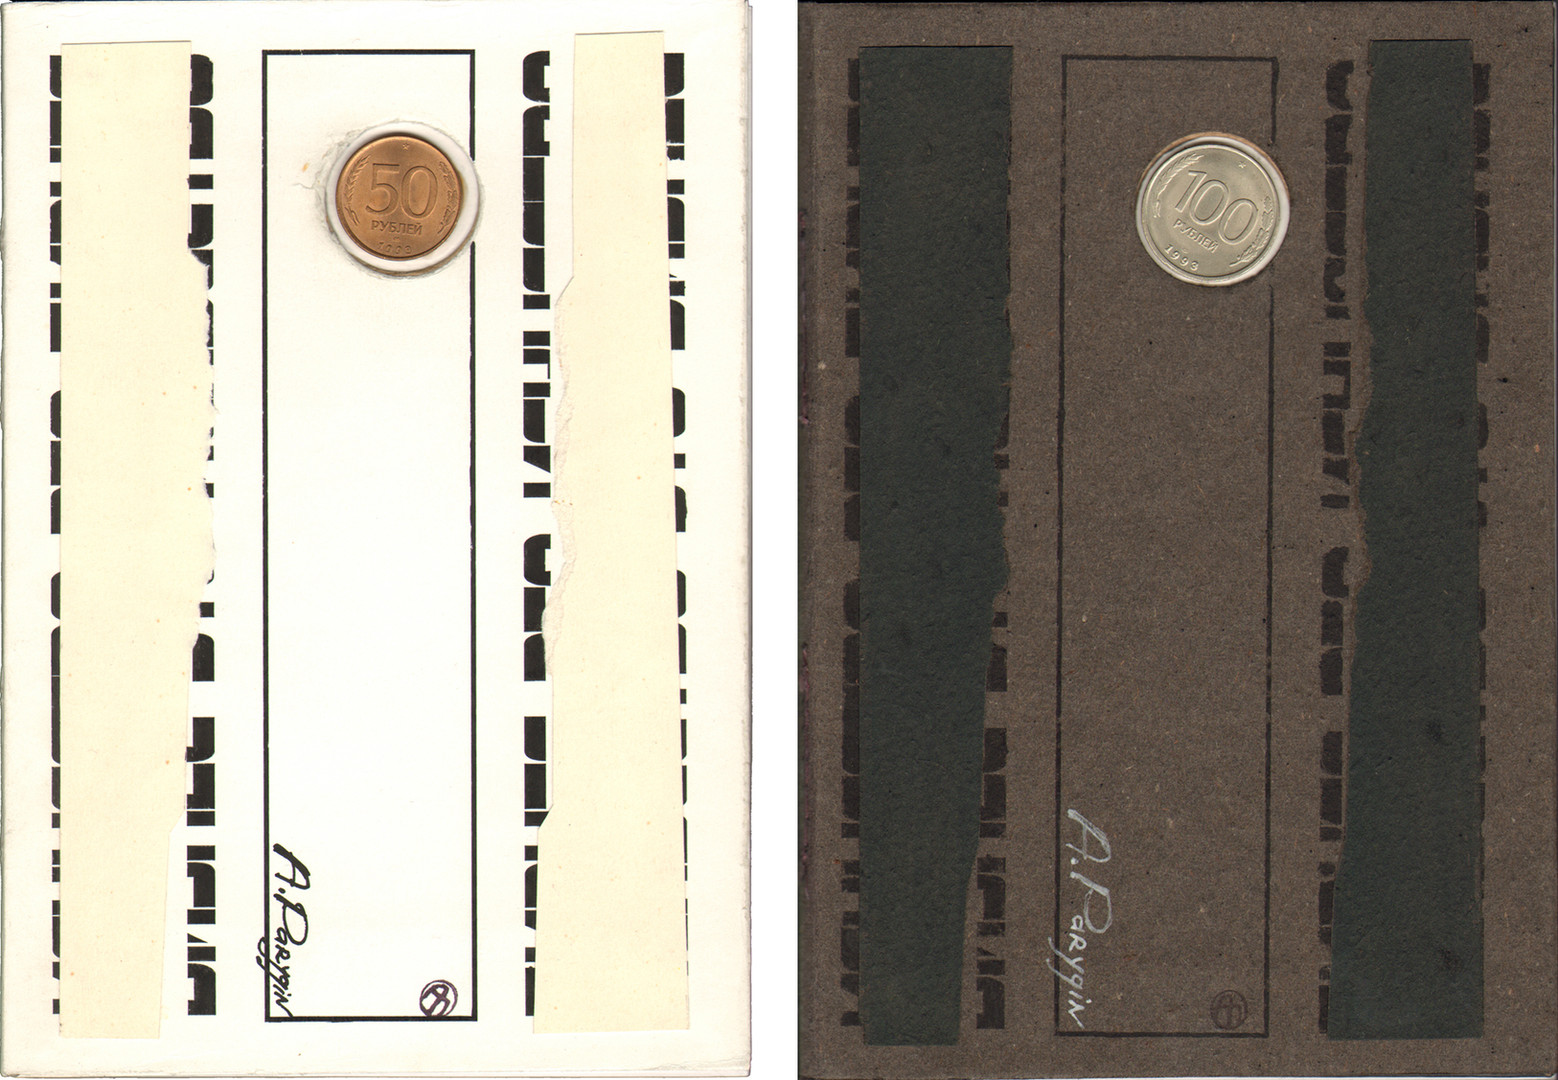 2001 ИСКУССТВО ЭТО БИЗНЕС, (2 обложки), 21х15см. печать, аппликация, тир 50 экз.